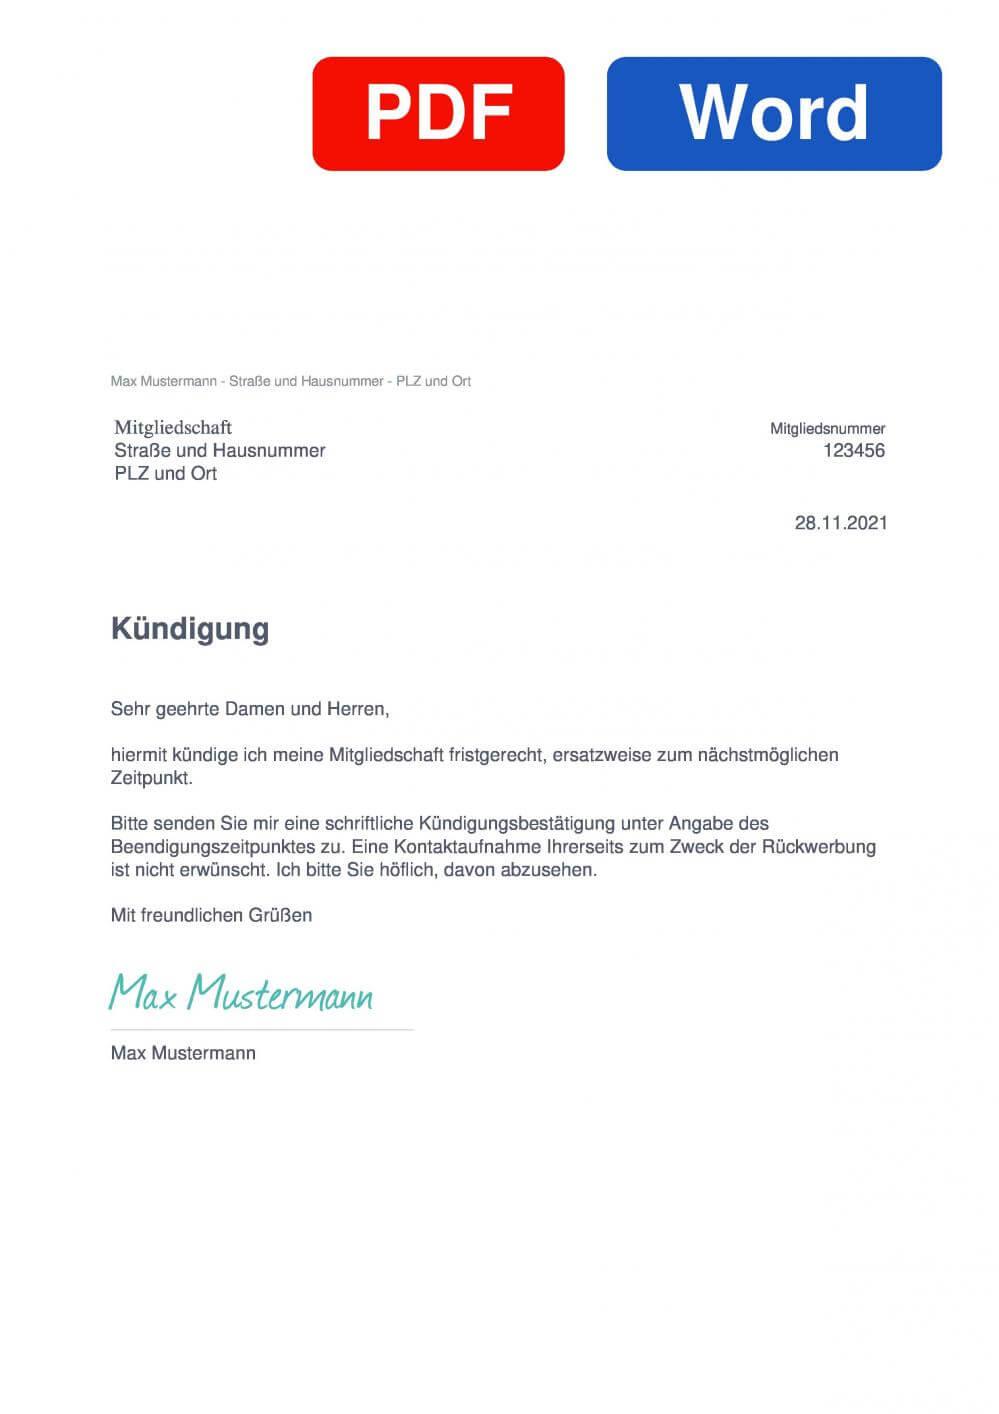 Mitgliedschaft Muster Vorlage für Kündigungsschreiben